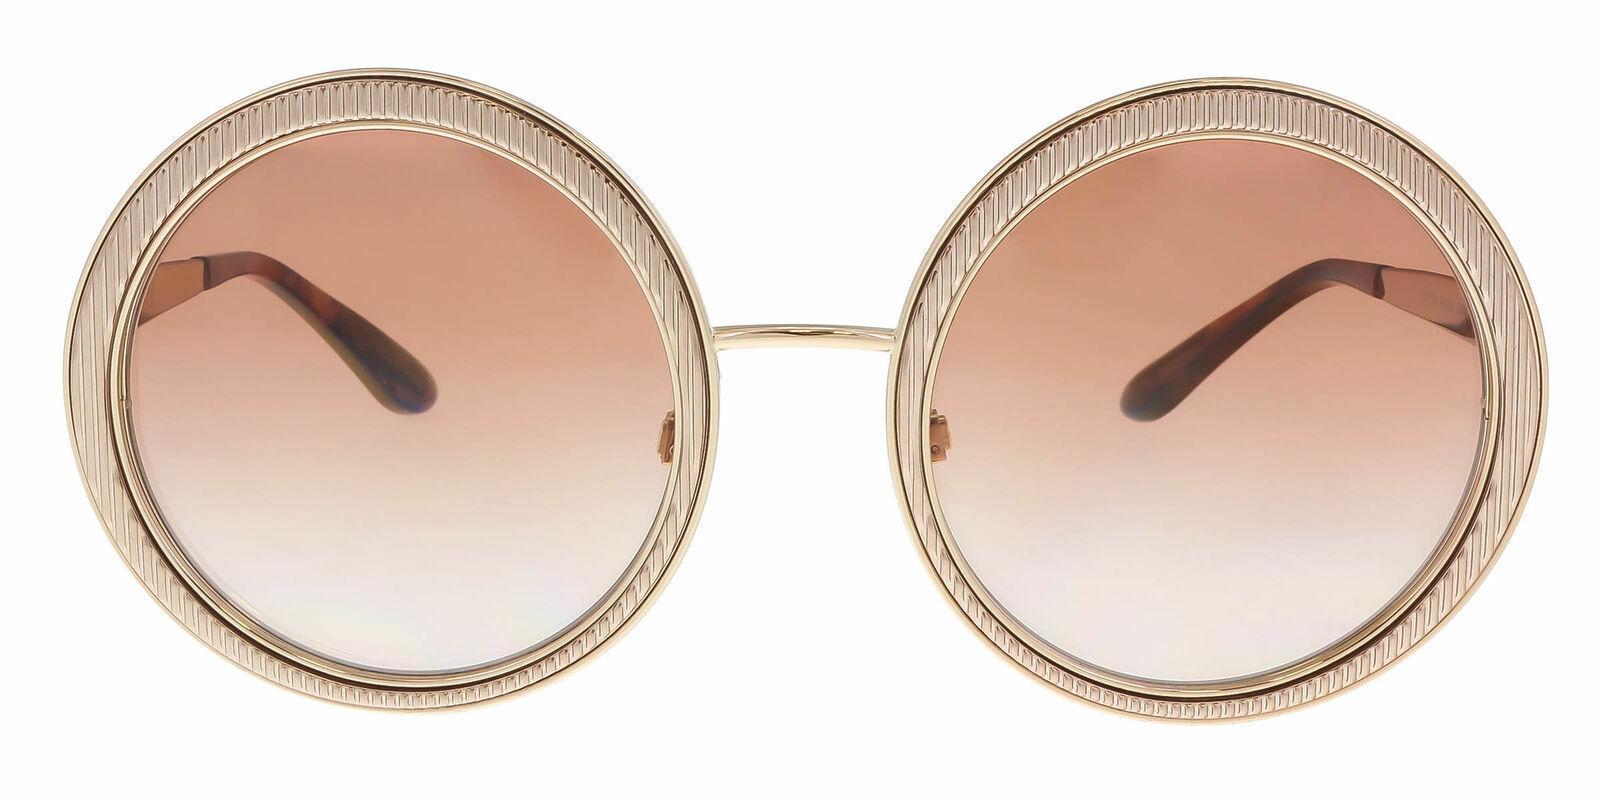 NEW  Dolce & Gabbana Round Sunglasses DG 2179 02/13 Gold/Brown Gradient Women